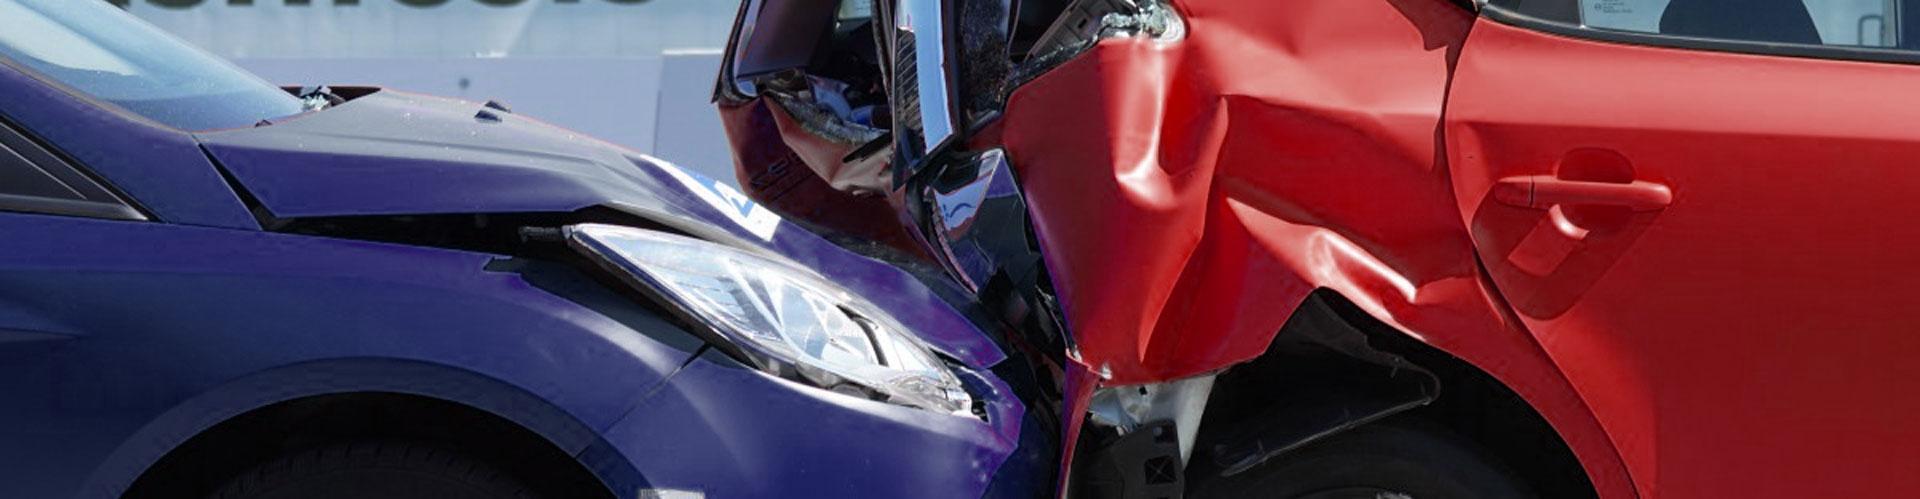 Kop-staartbotsing | Ongeluk auto van achter aangereden